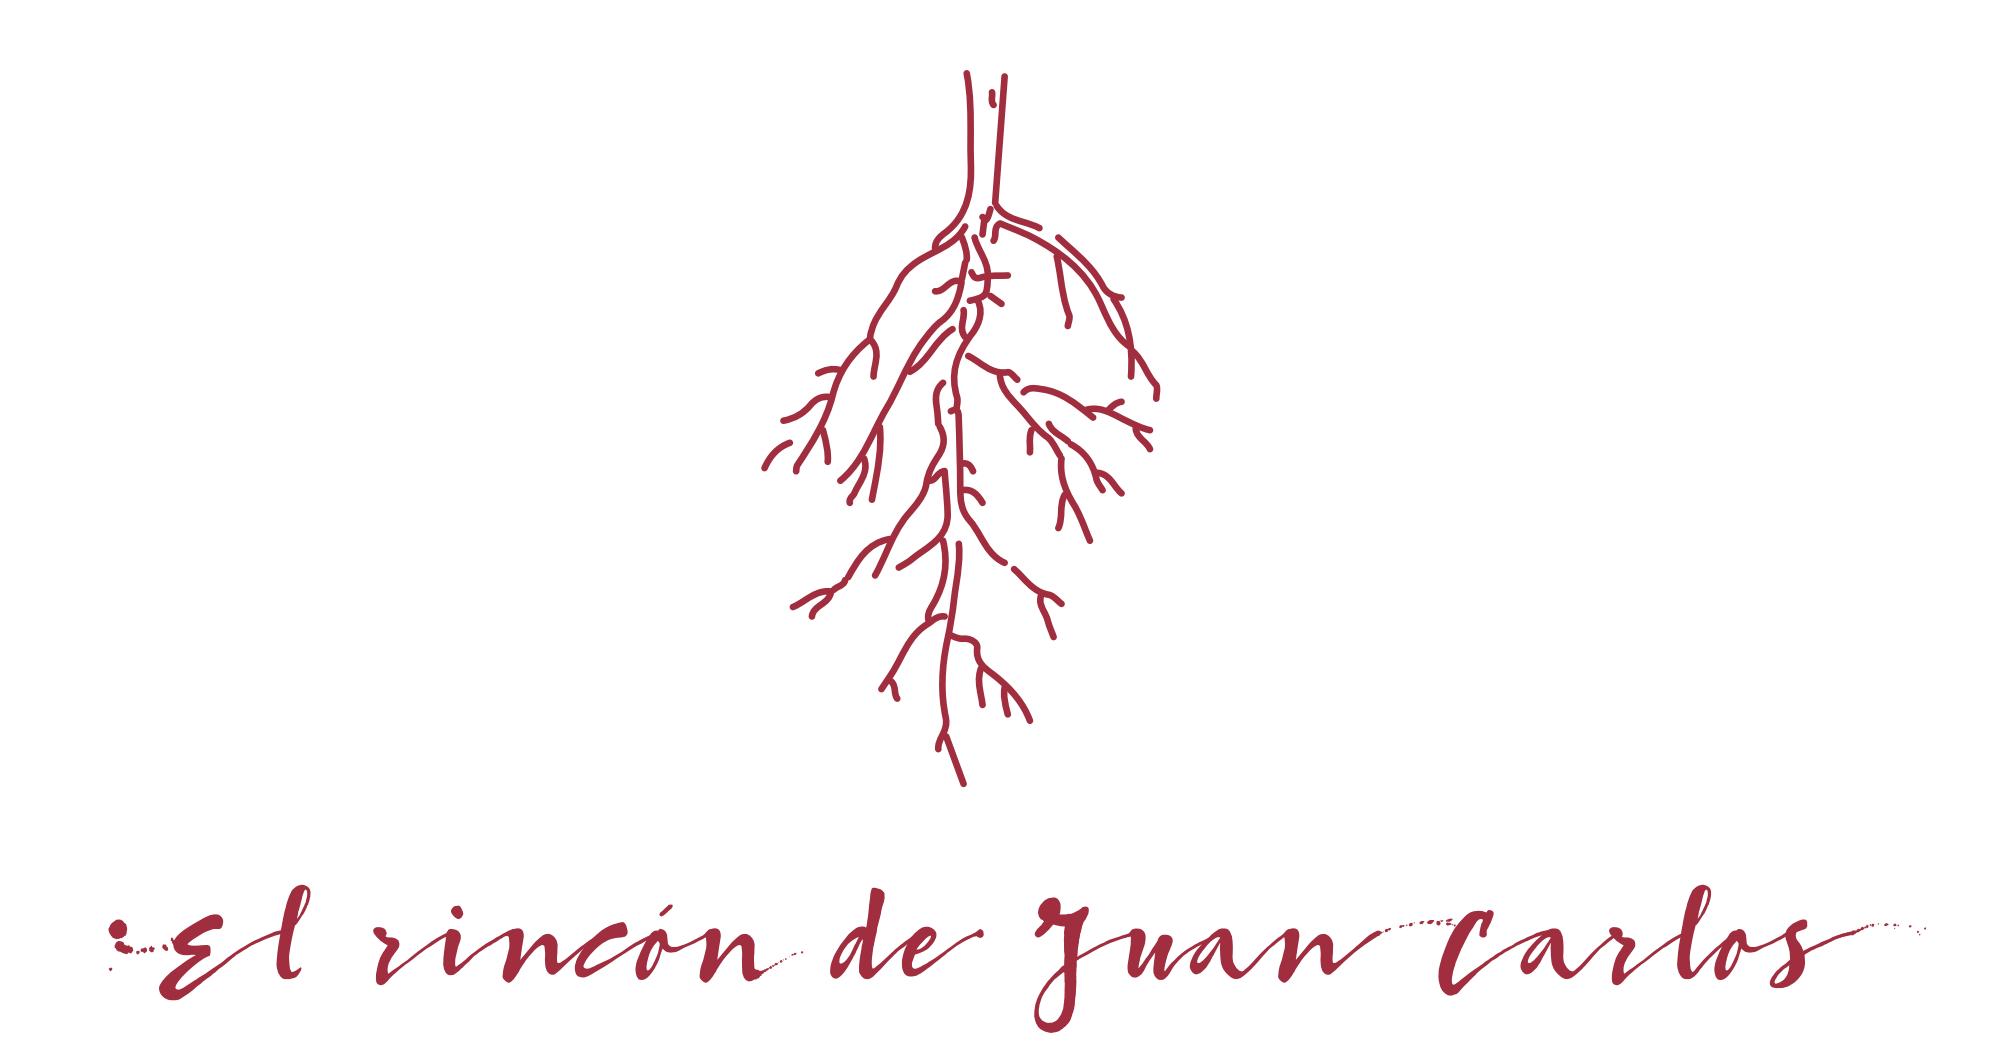 El Rincón de Juan Carlos